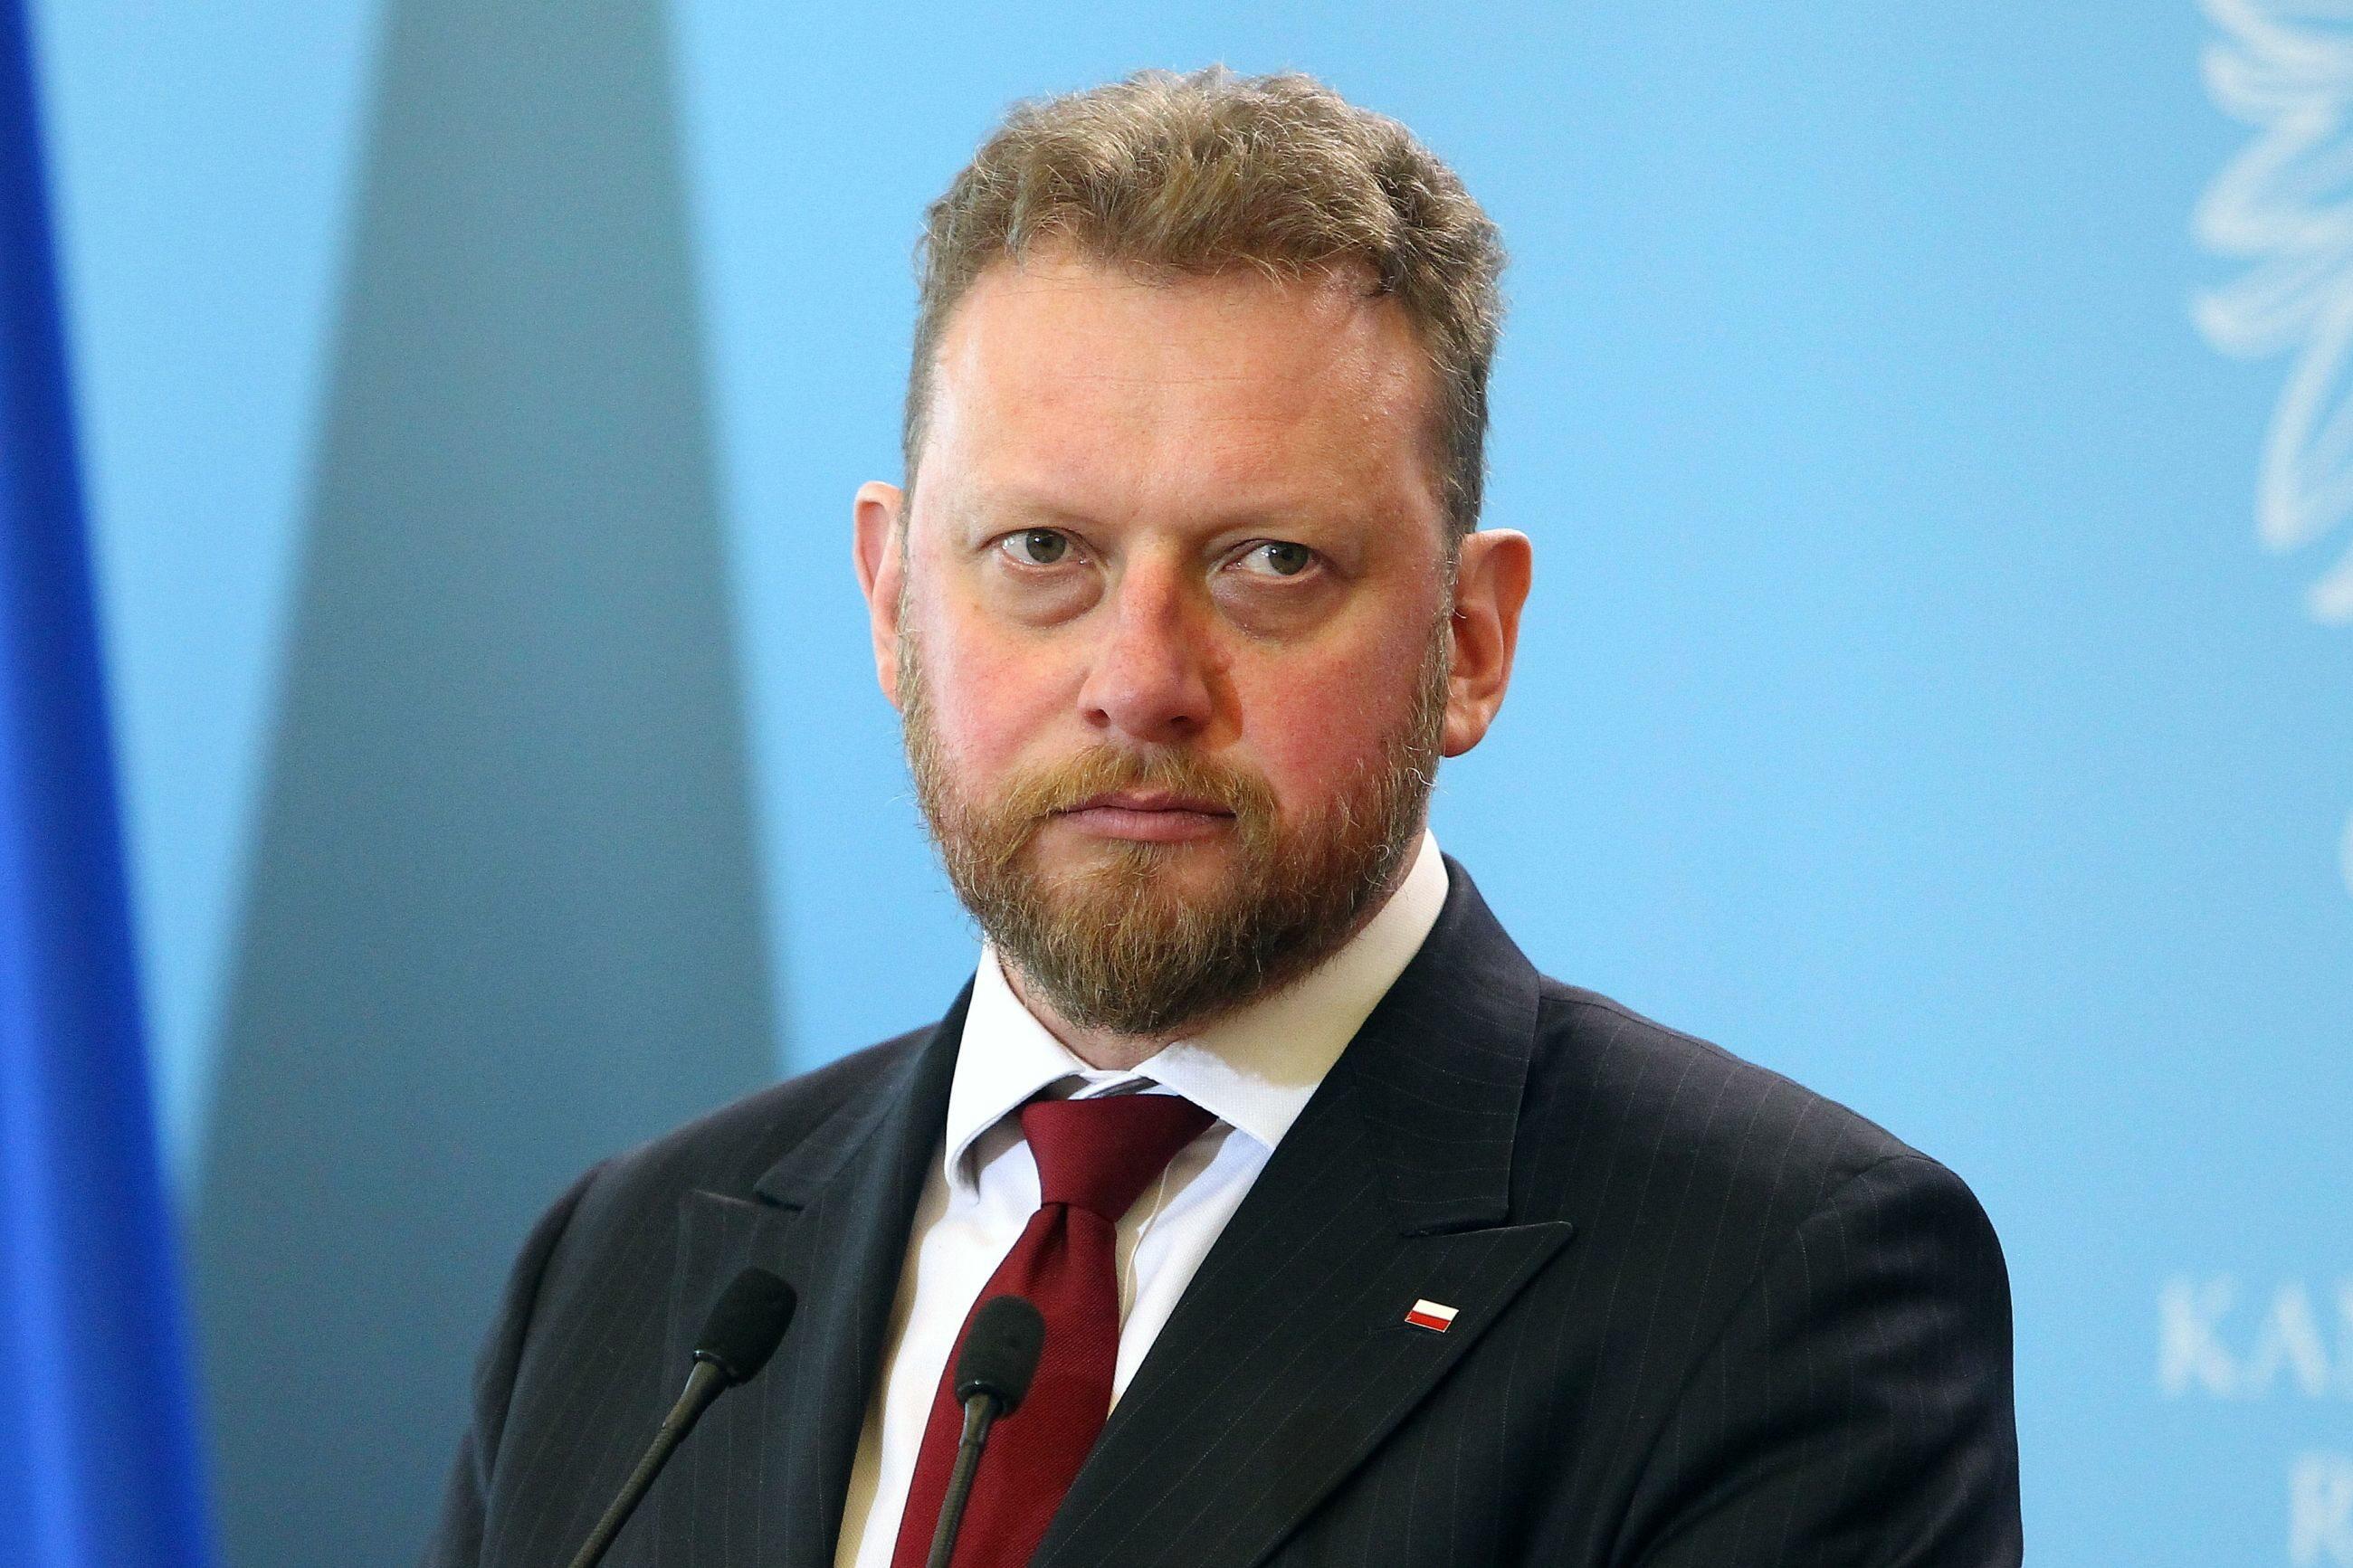 Koronawirus w Polsce. Minister zdrowia apeluje o rozsądek